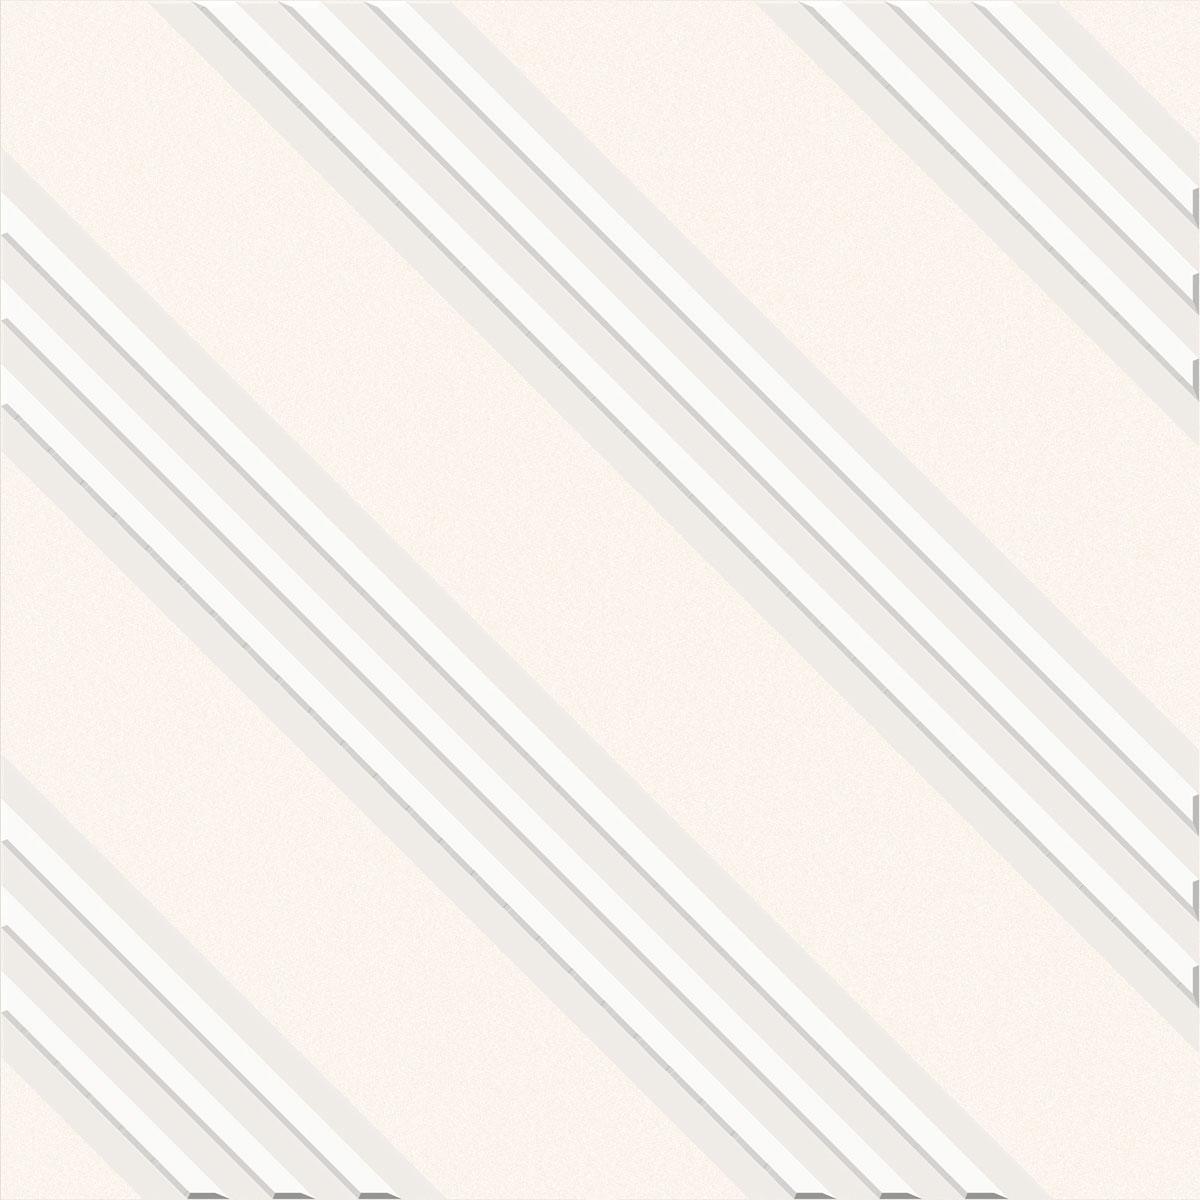 Signorino: 1. White on White